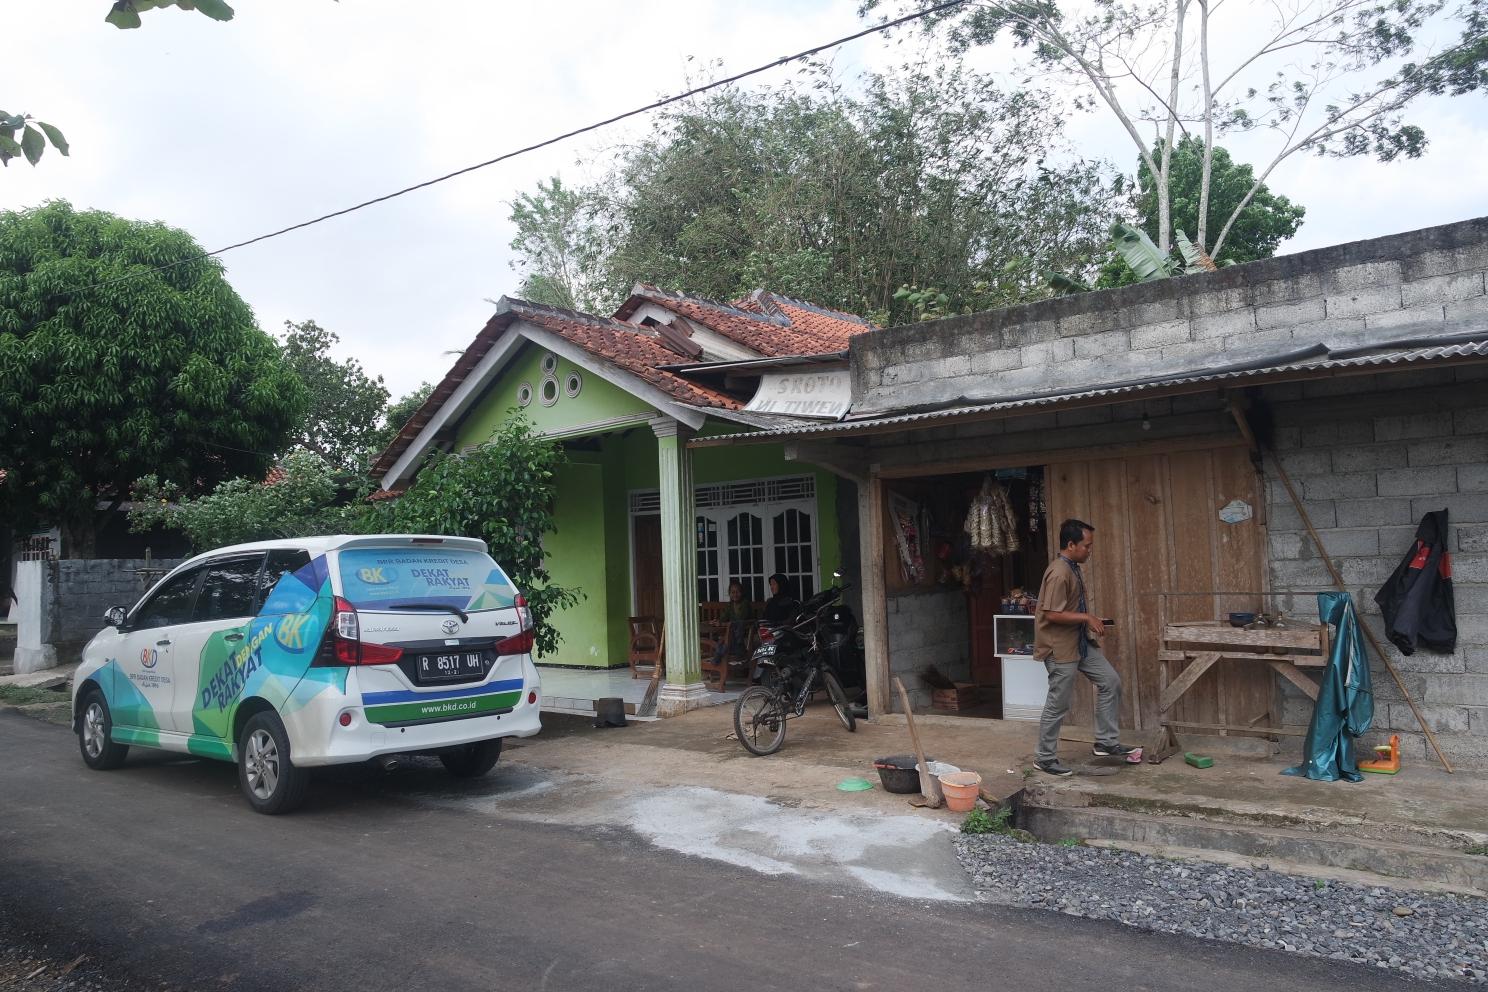 Potensi Ekonomi Besar, Kopkun Institute Gagas Warung Kampung di Desa Wlahar Wetan